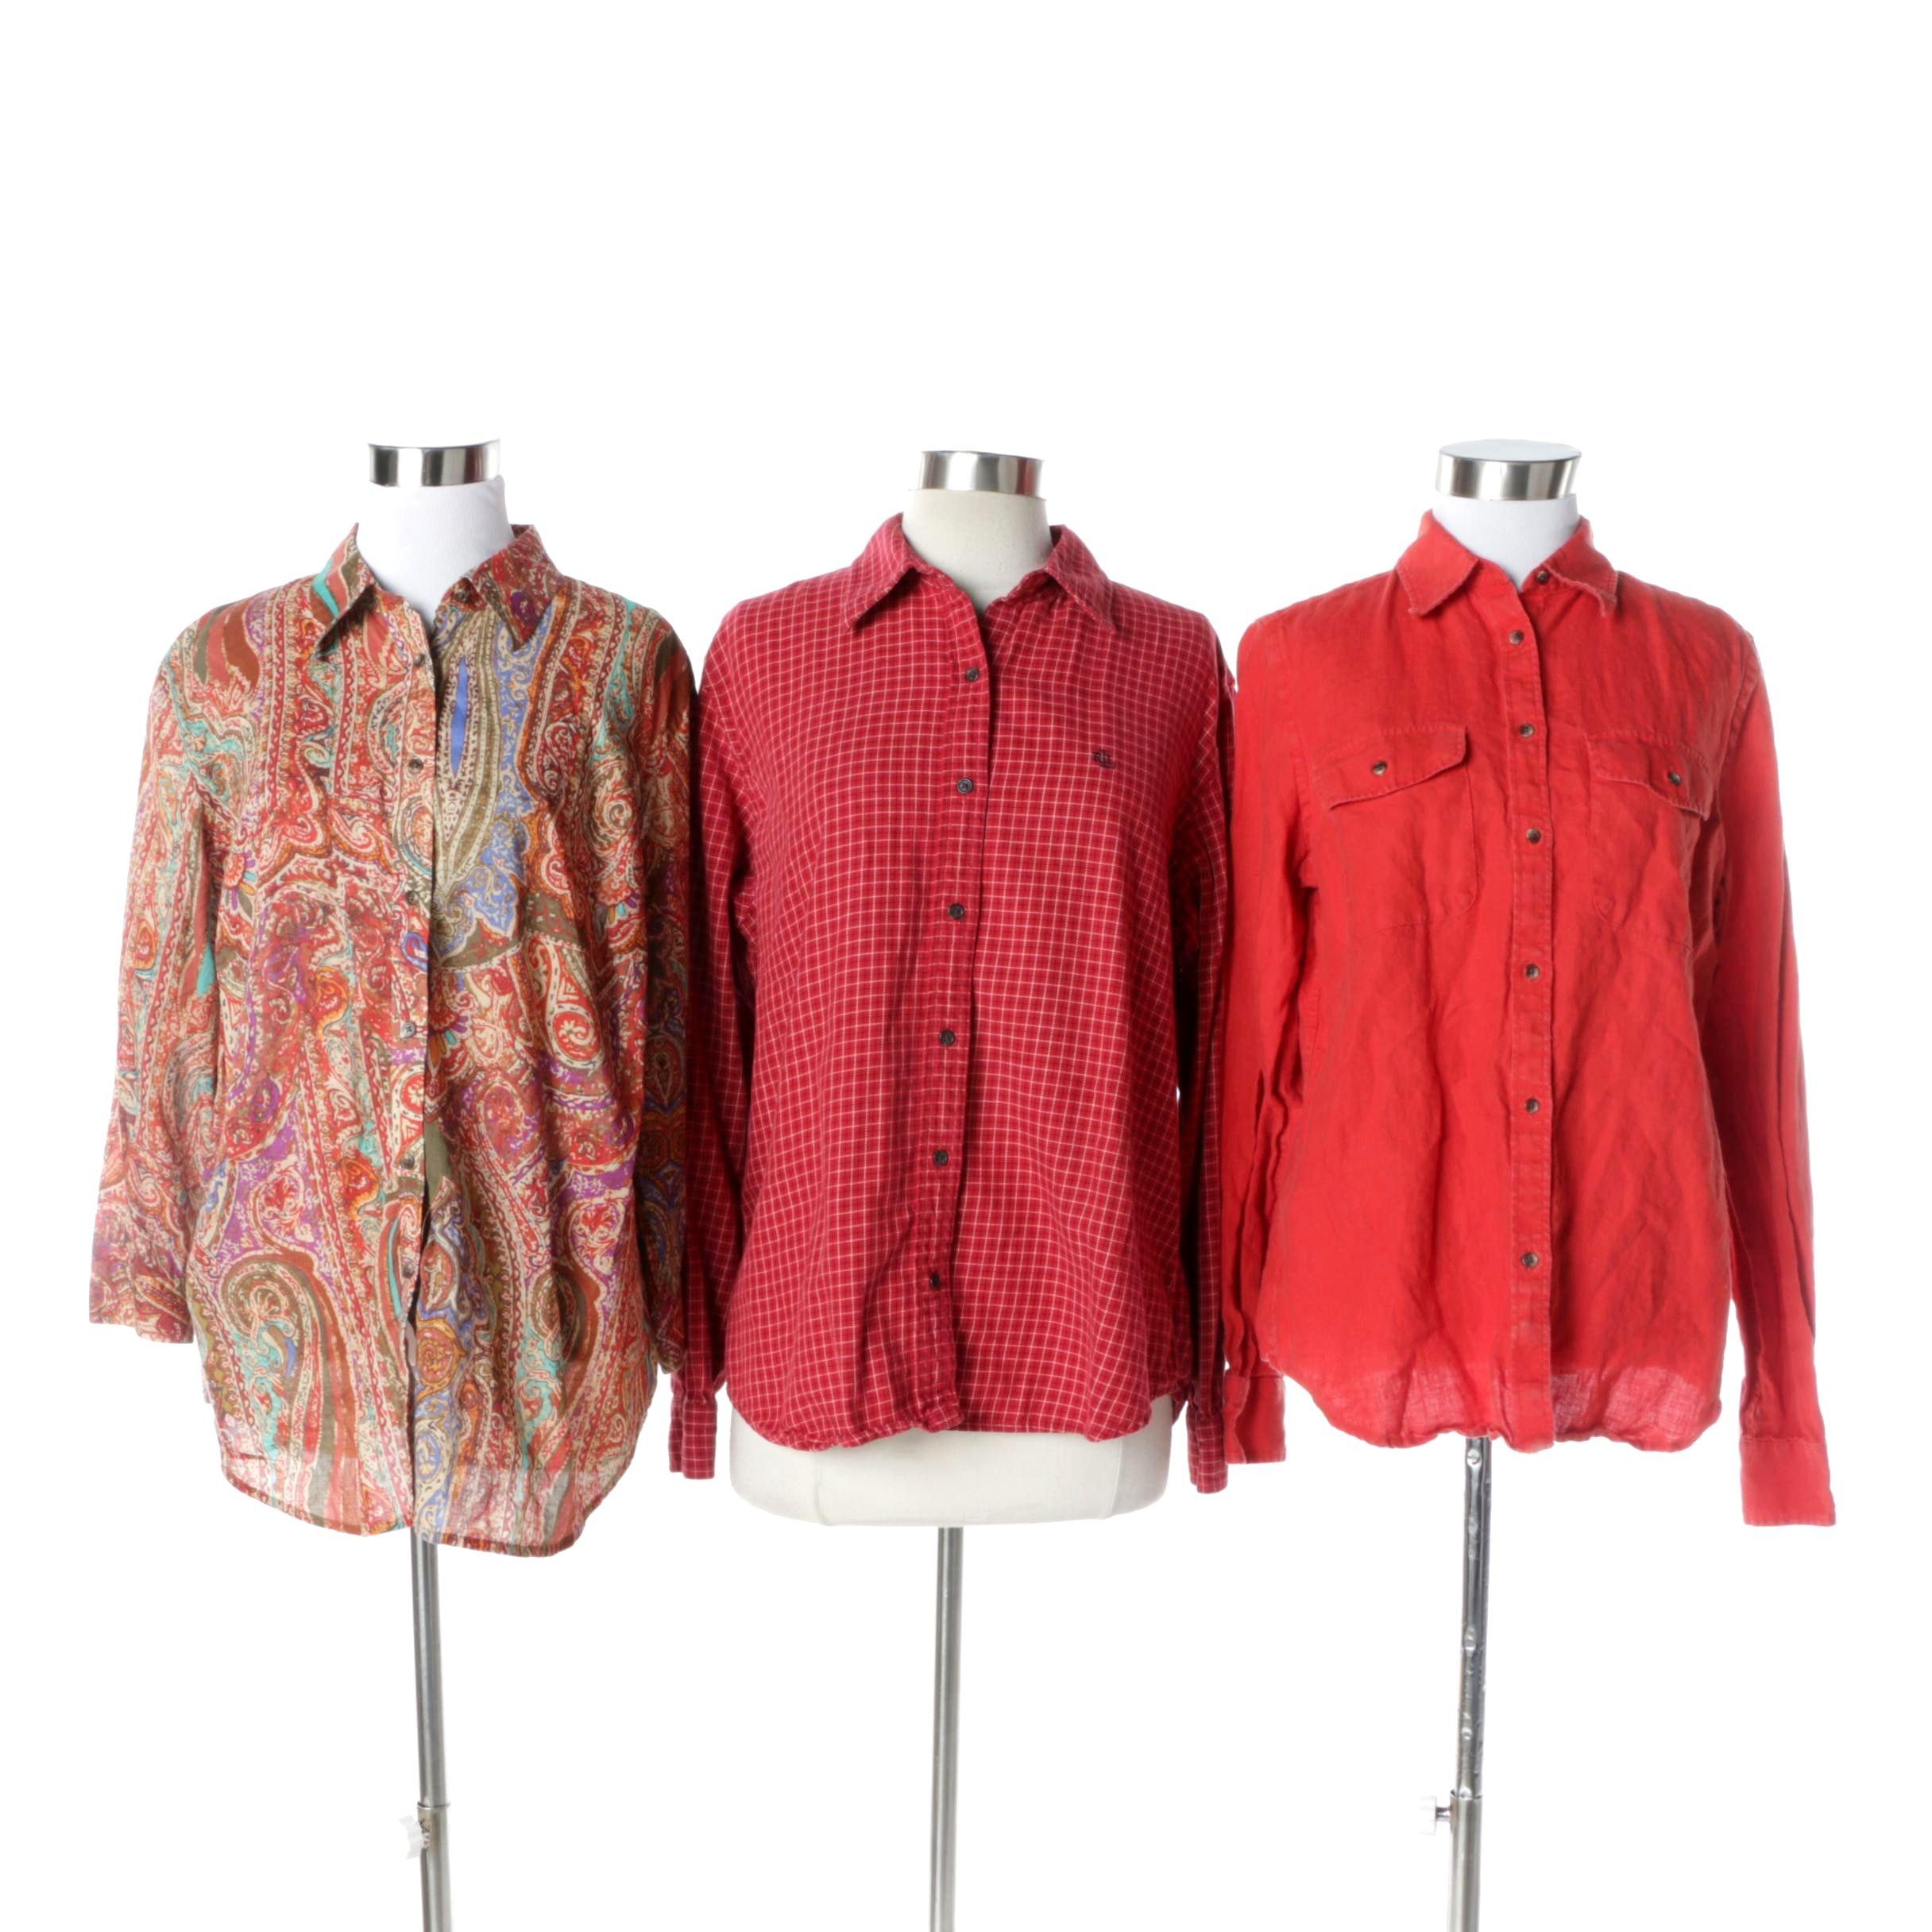 Women's Lauren Ralph Lauren Button-Up Blouse and Shirts